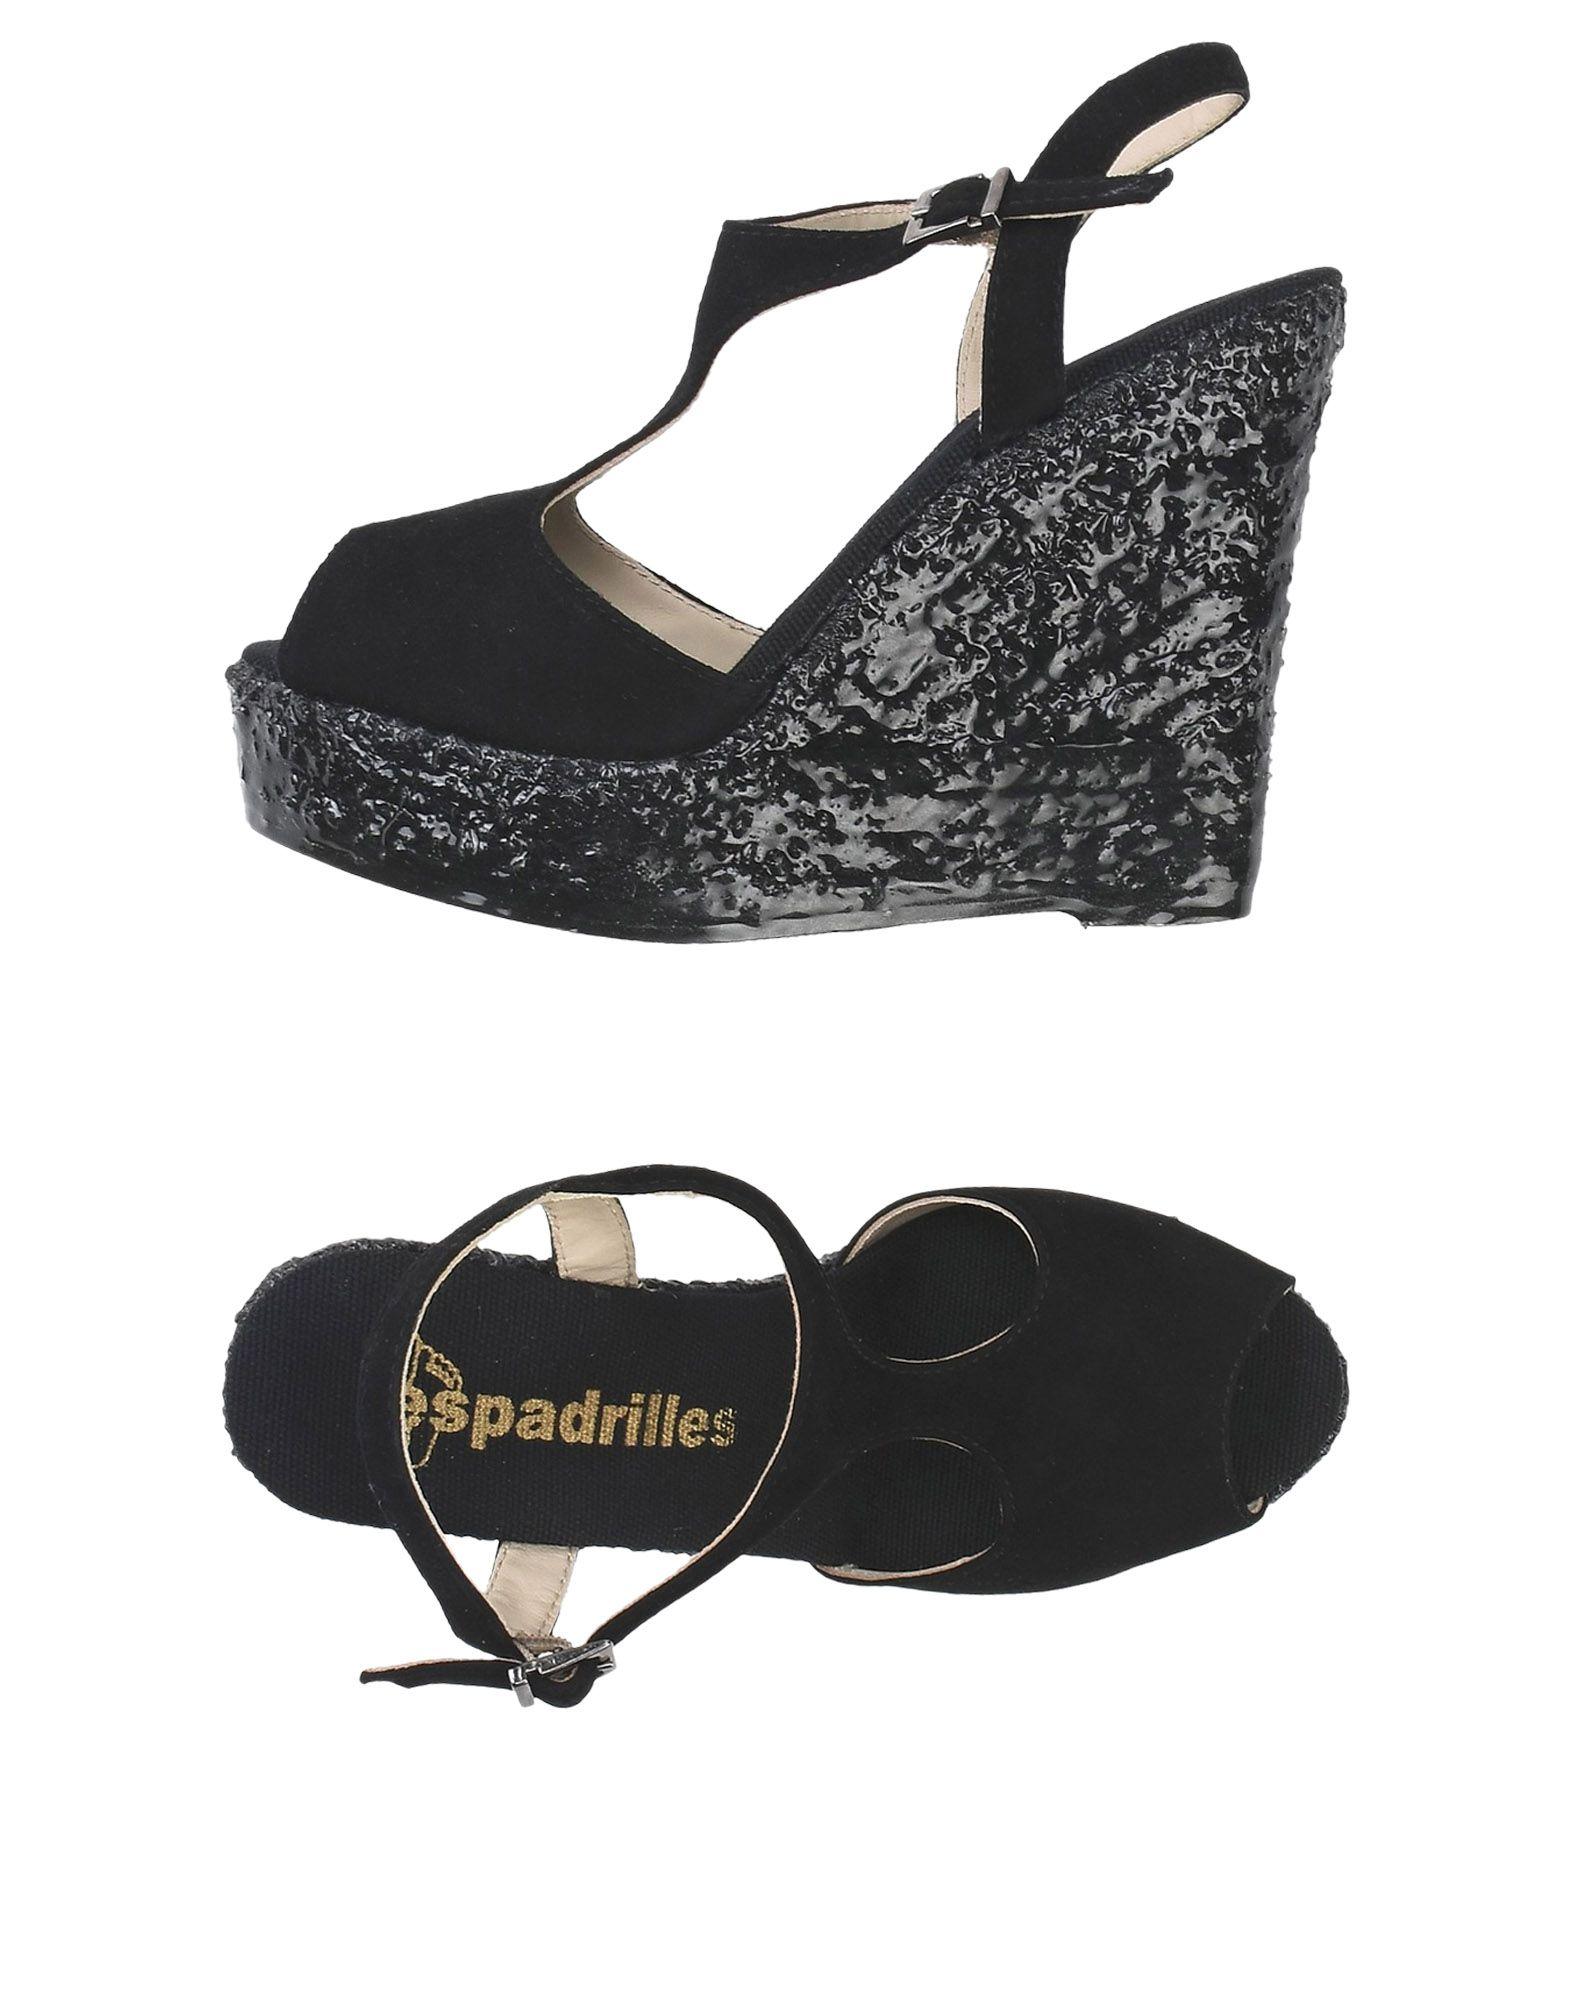 Espadrilles Espadrilles Damen  11390715DR Gute Gute 11390715DR Qualität beliebte Schuhe 7755d3